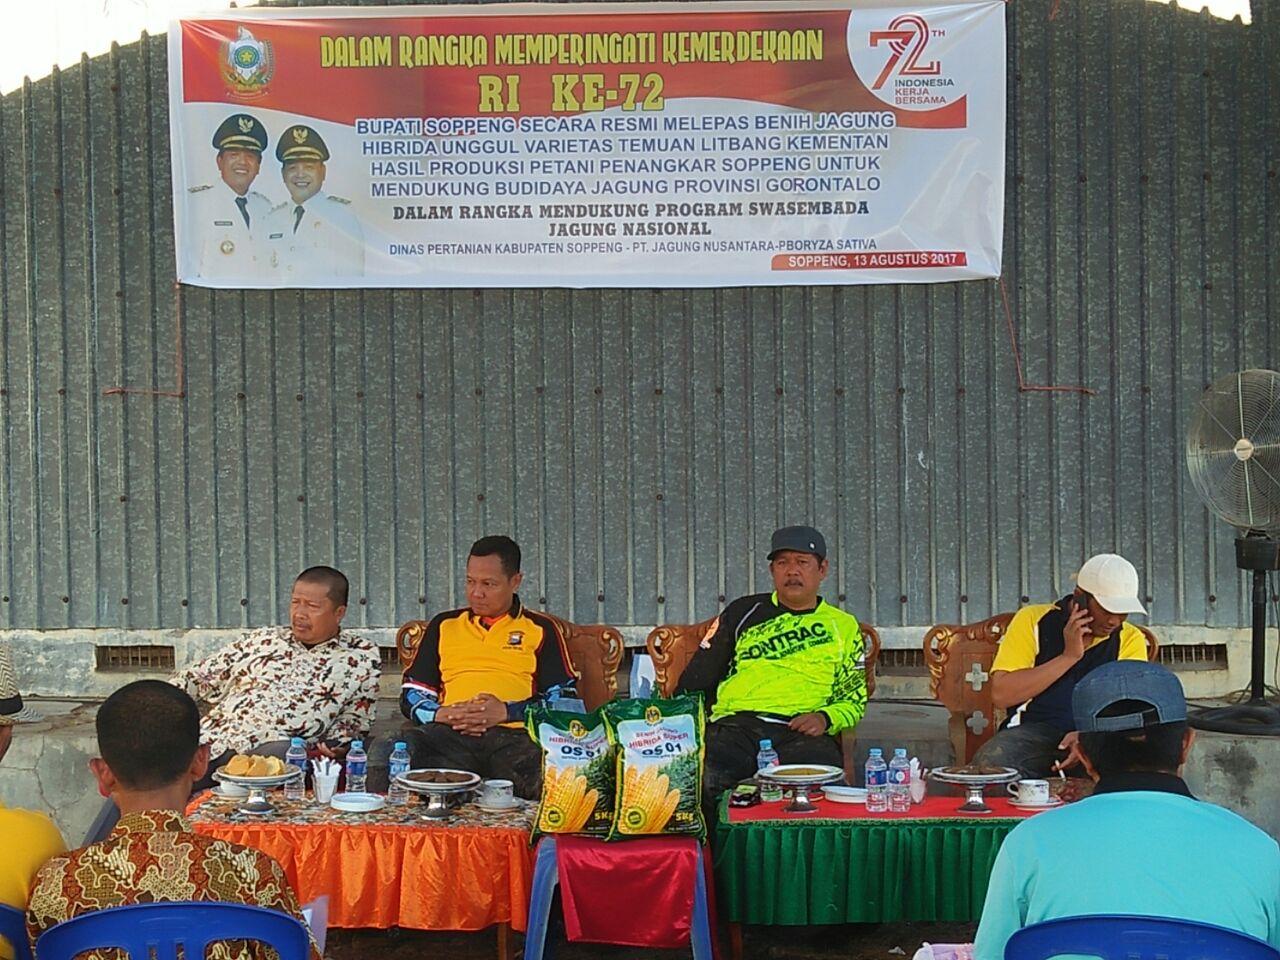 Soppeng Kirim 17 Ton Bibit Jagung ke Gorontalo